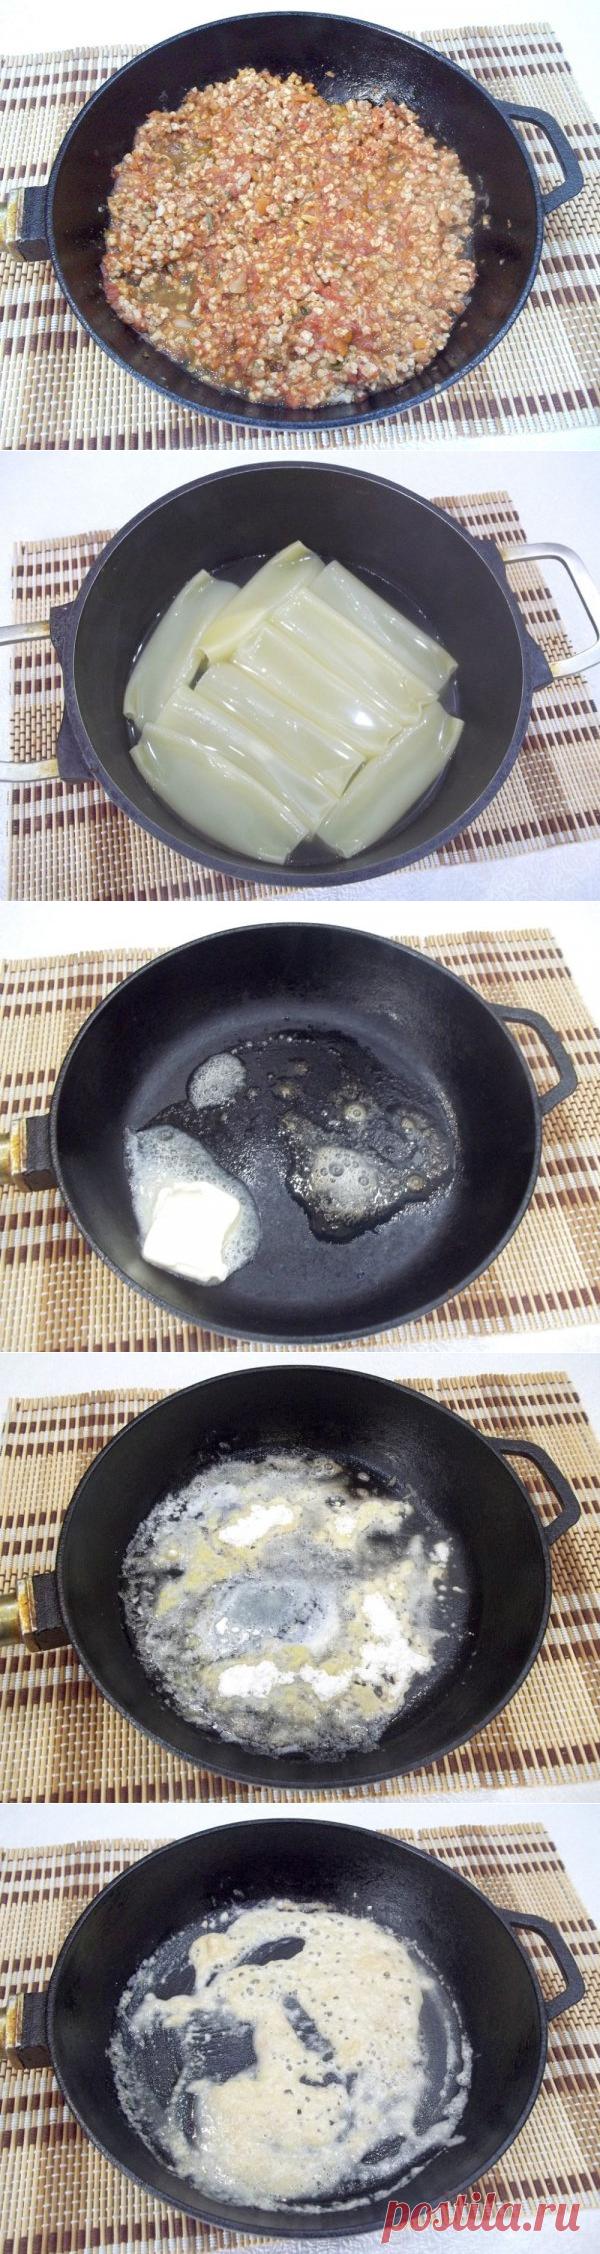 Каннеллони с мясом под соусом бешамель | CityWomanCafe.com